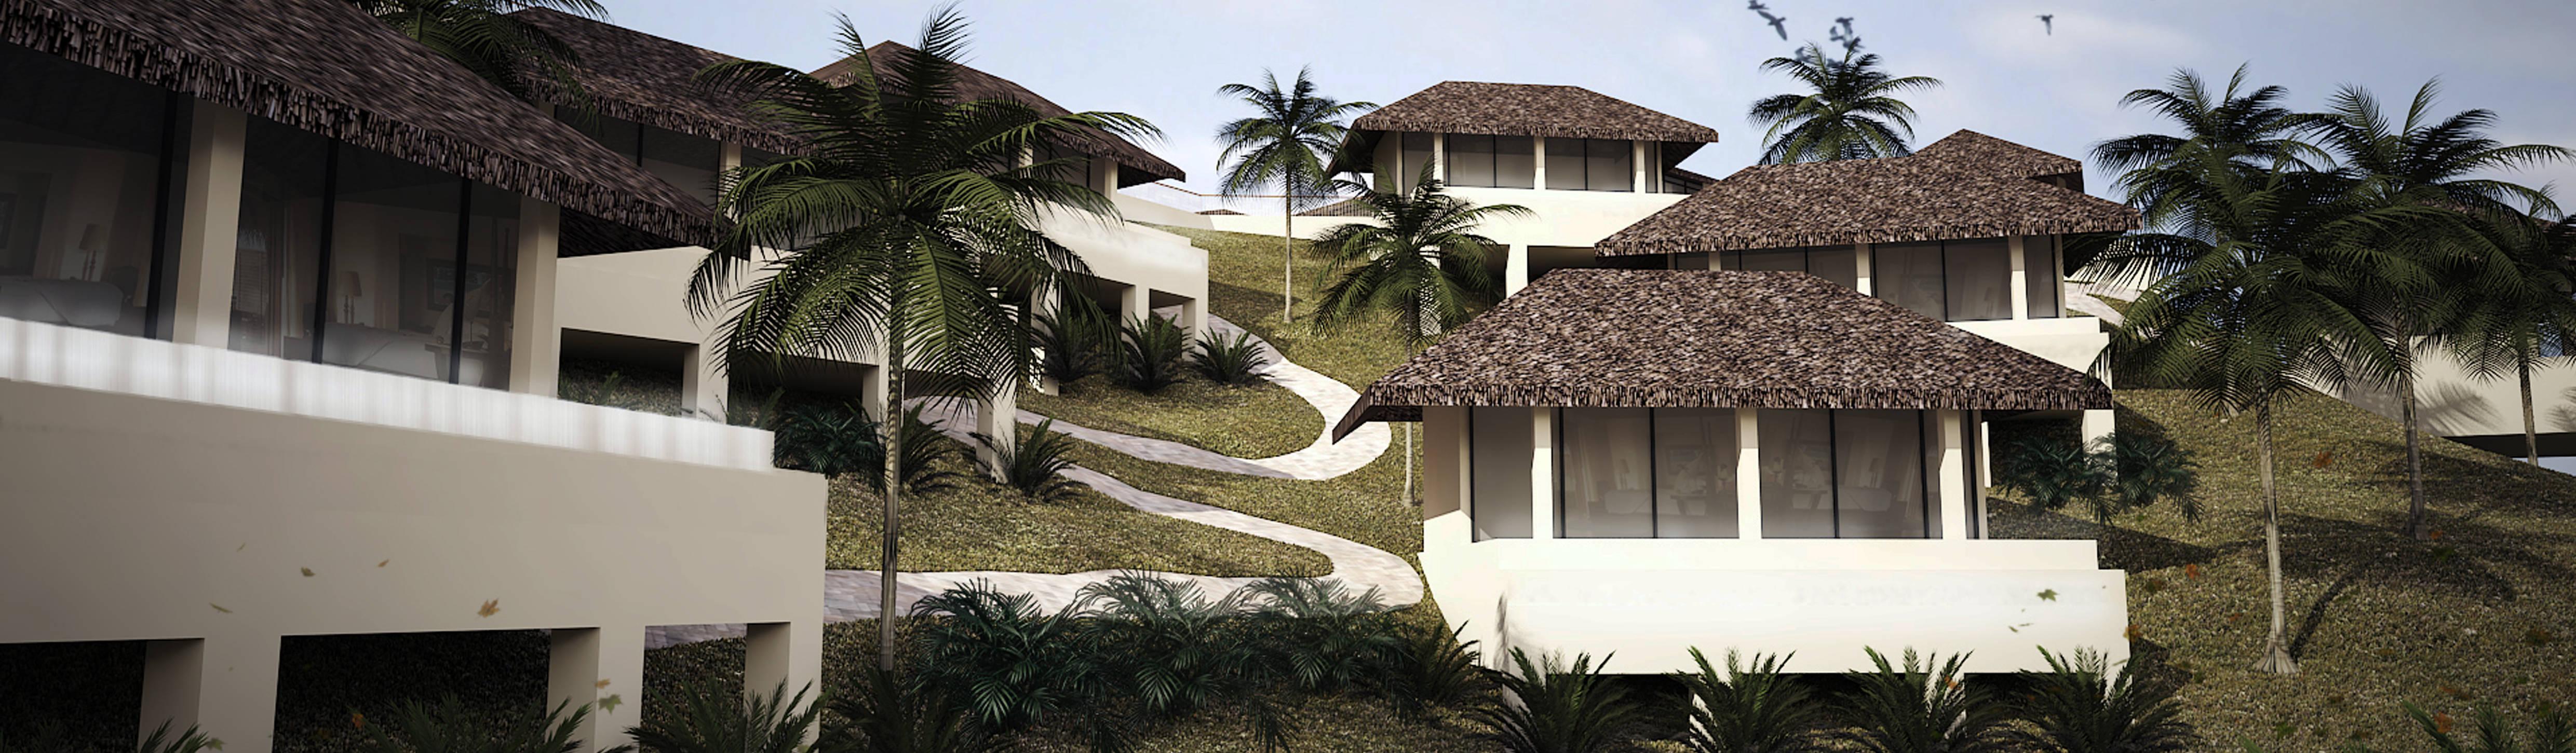 KDA Design + Architecture